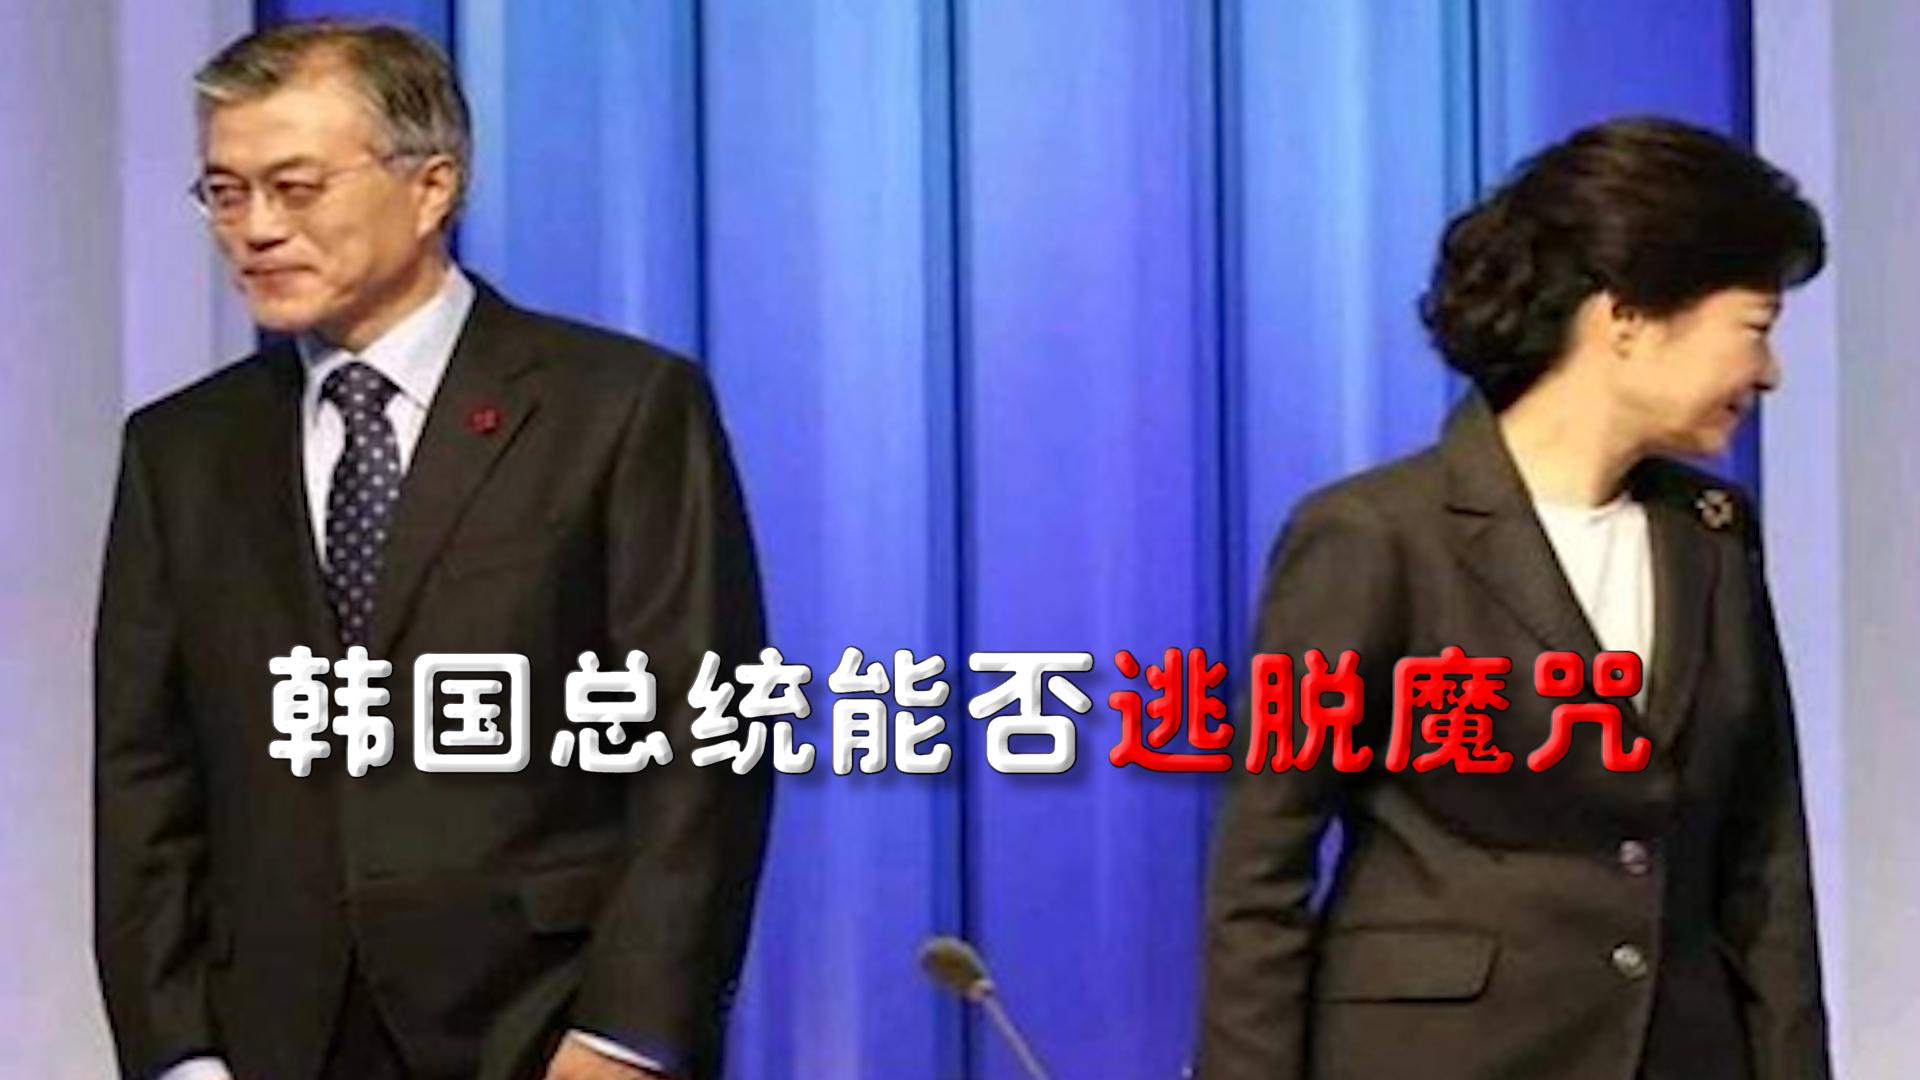 朴槿惠重审宣判获刑20年,文在寅能否继续获得支持?